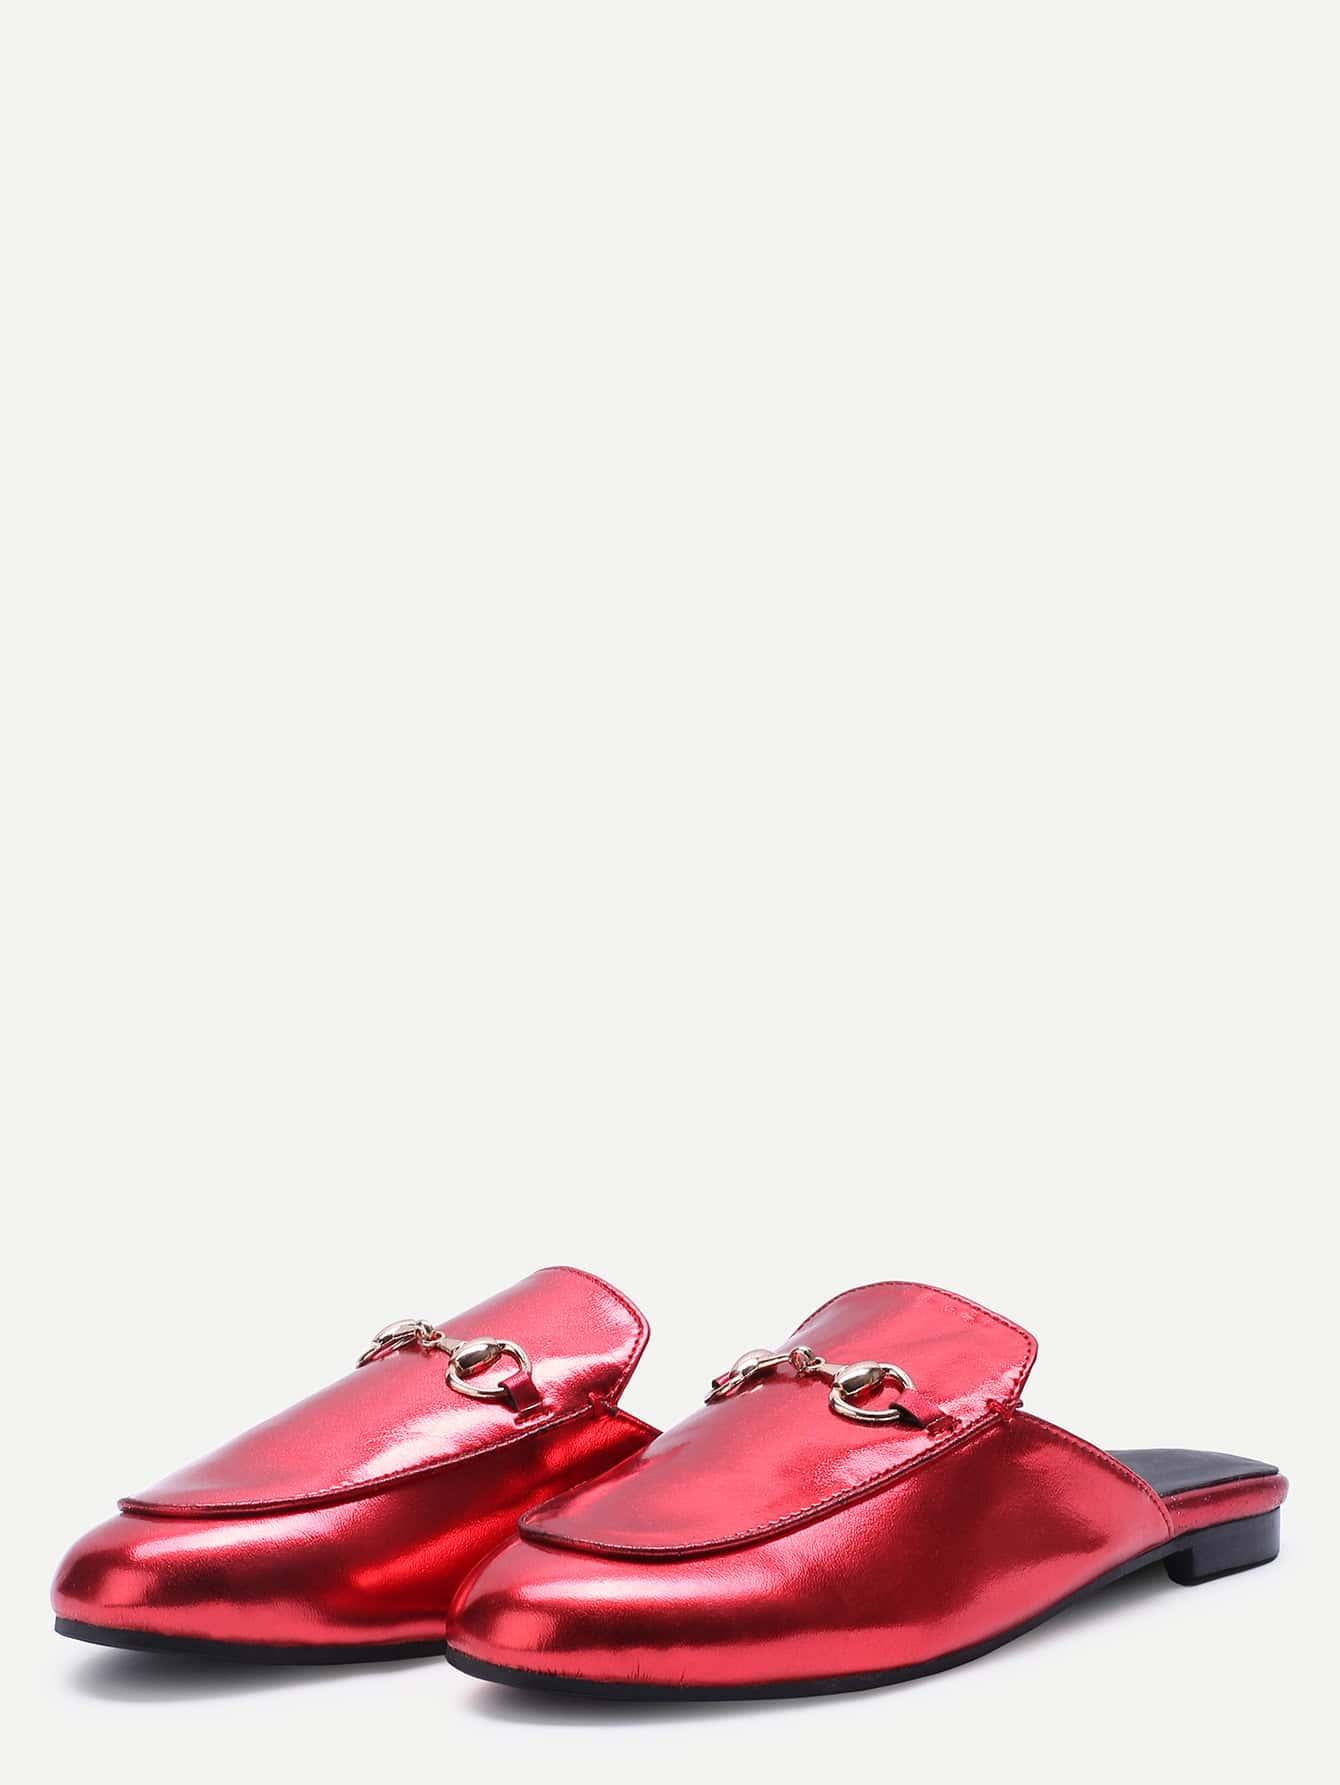 shoes170110801_2